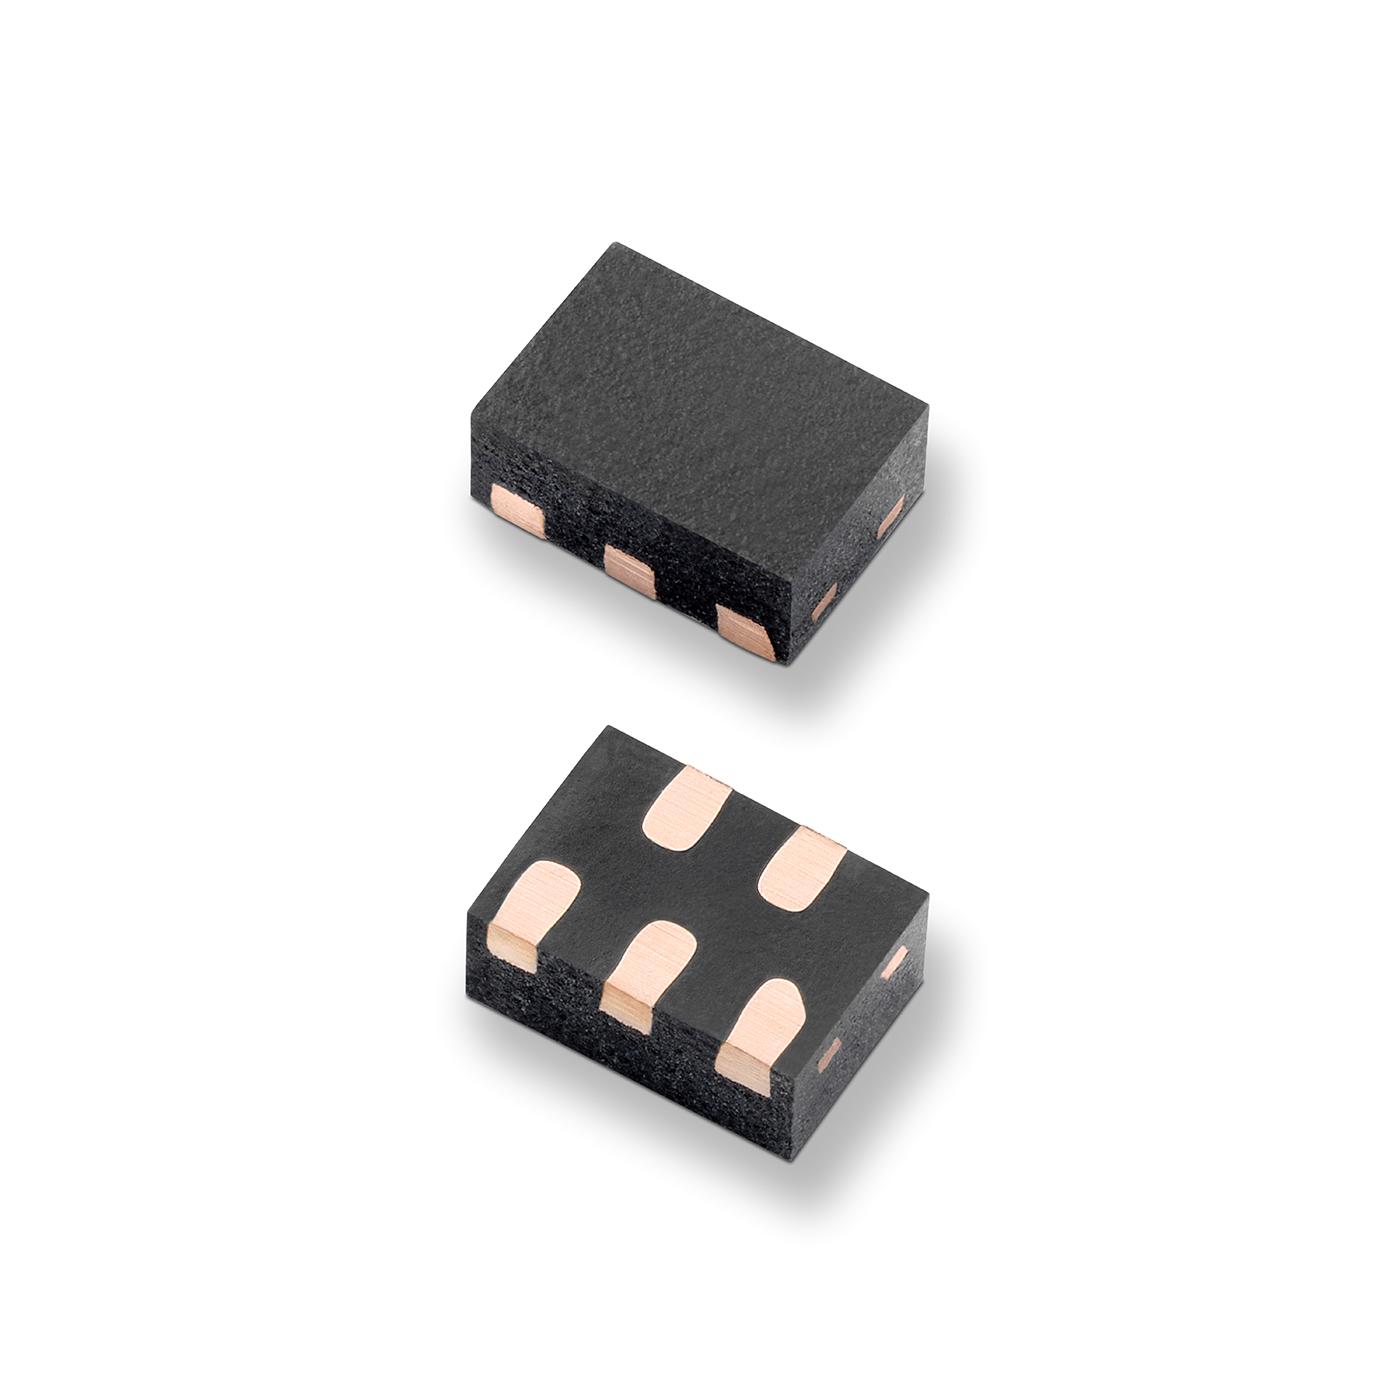 Littelfuse低电容瞬态抑制二极管阵列的尺寸仅为典型四线路阵列的1/3